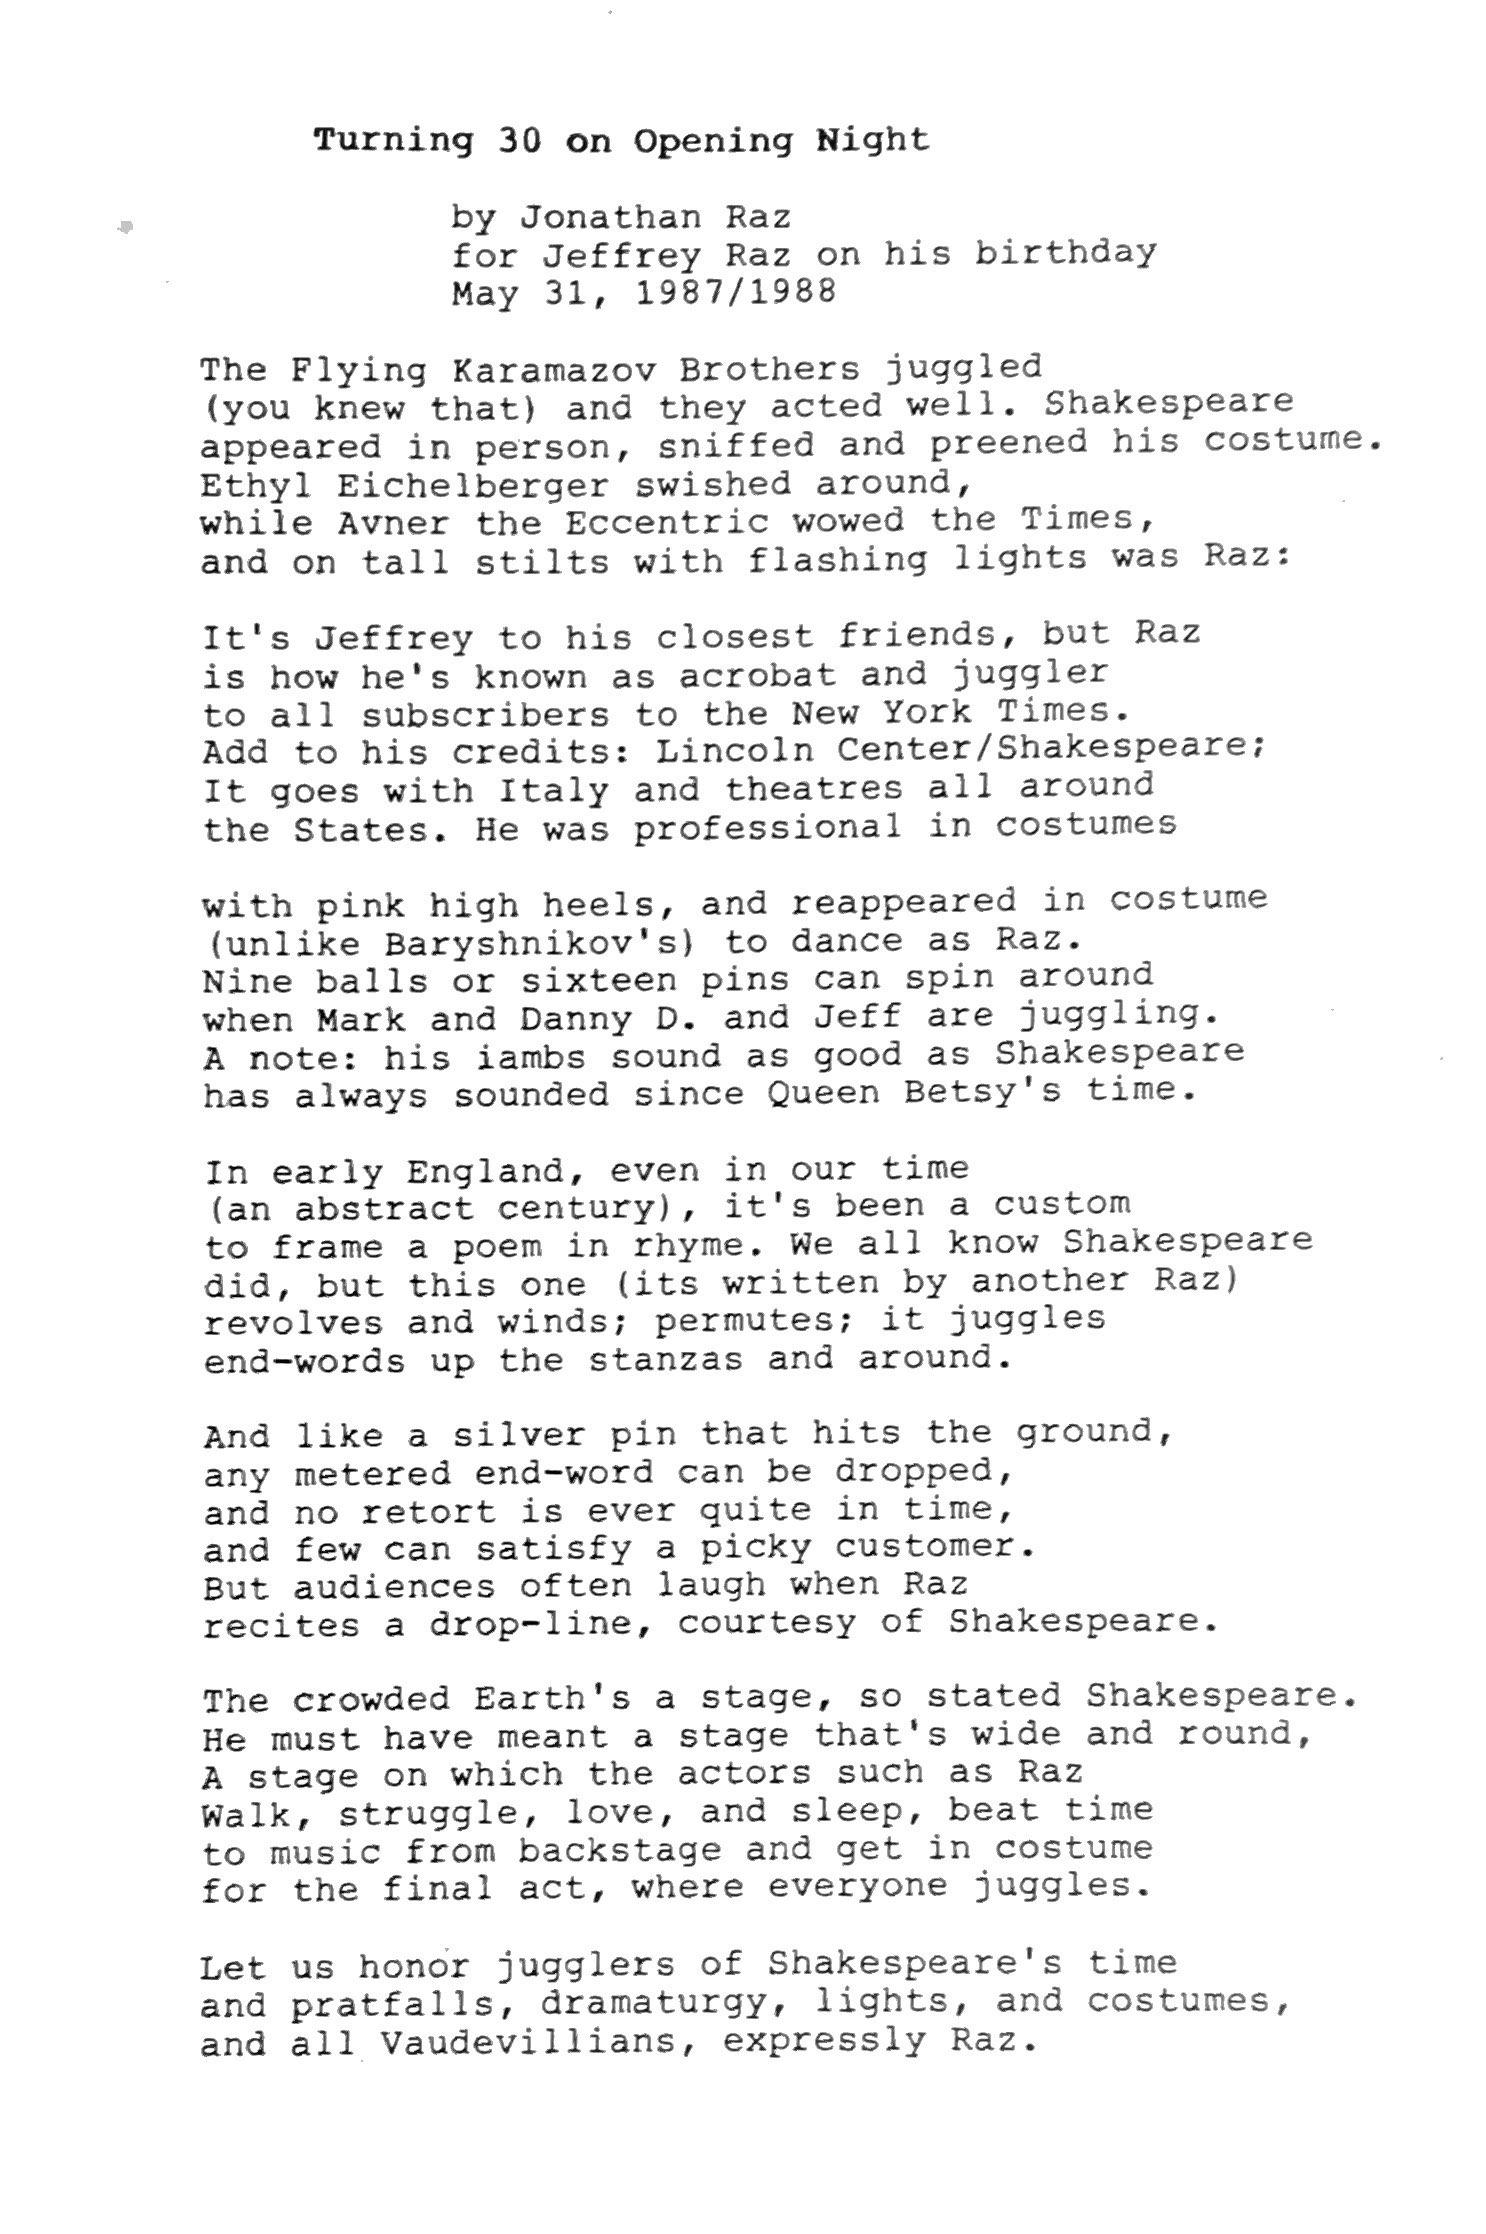 Jon's Poem